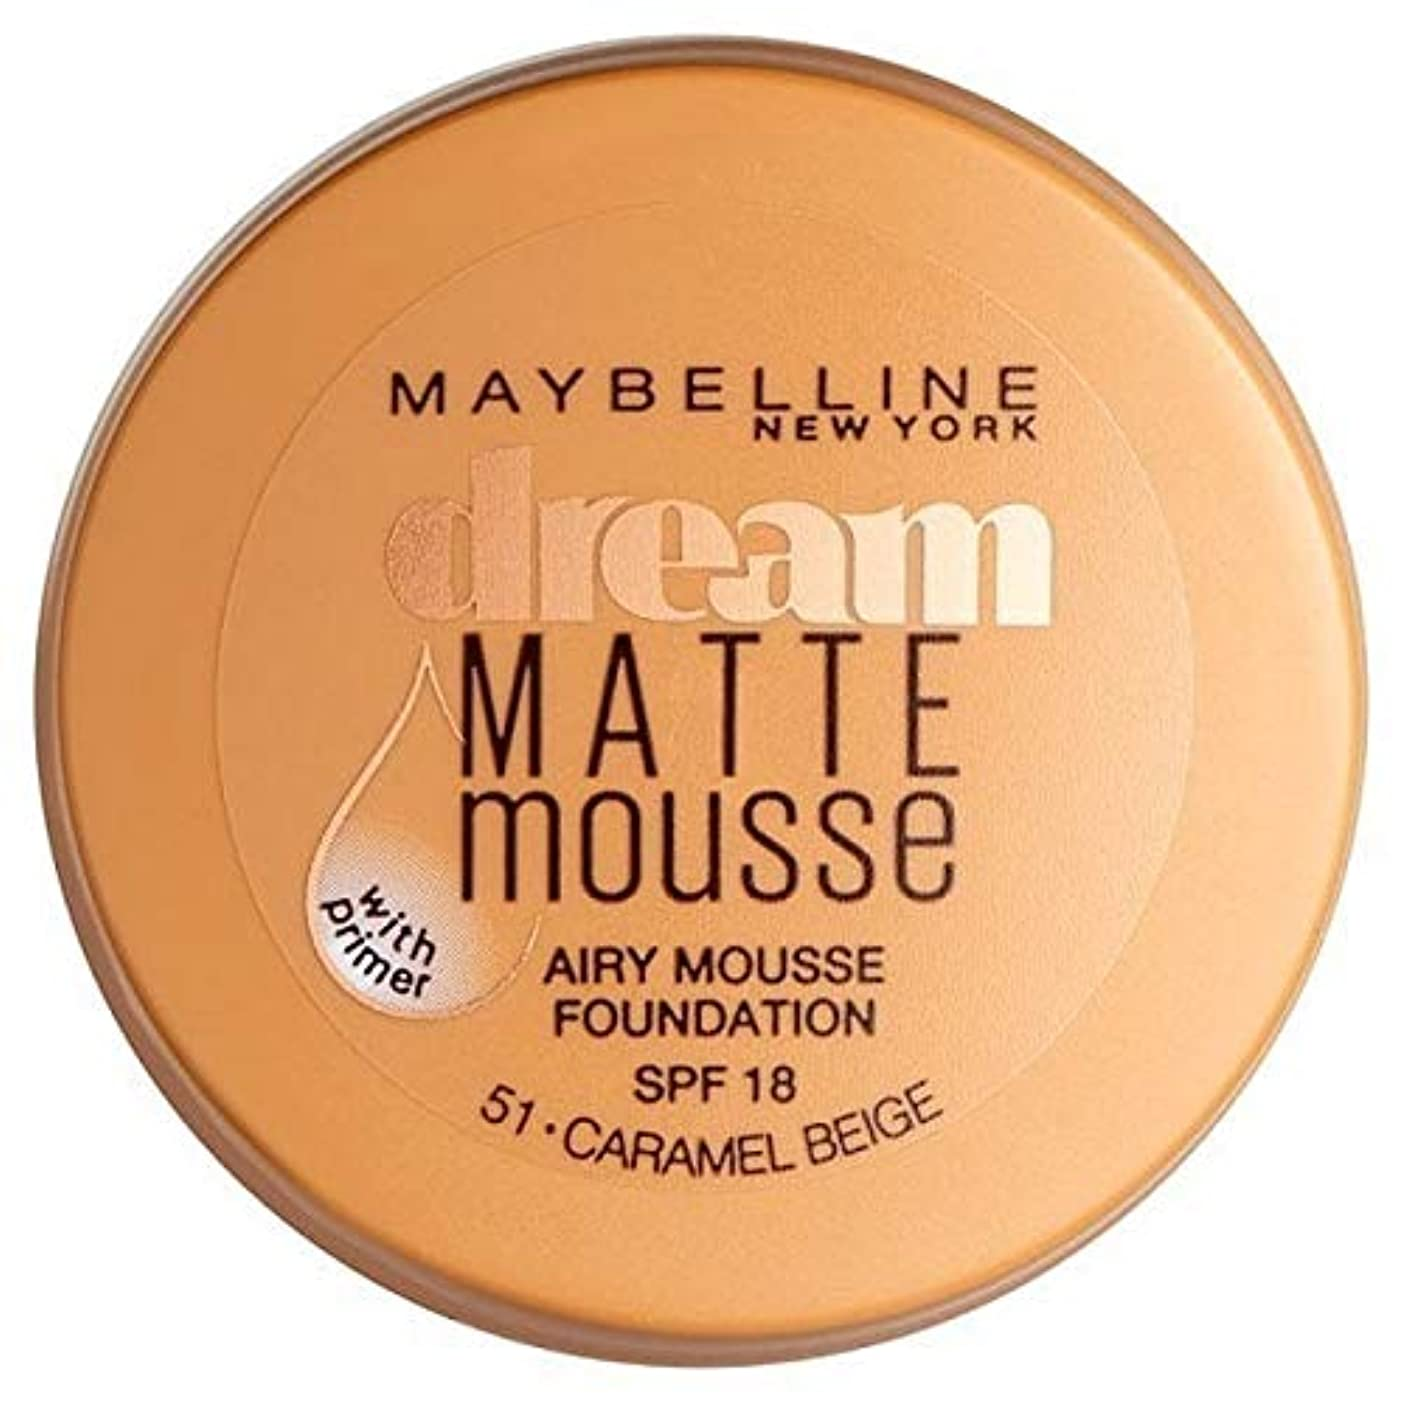 やろう格納パプアニューギニア[Maybelline ] メイベリン夢のマットムース基盤051キャラメルベージュ - Maybelline Dream Matte Mousse Foundation 051 Caramel Beige [並行輸入品]